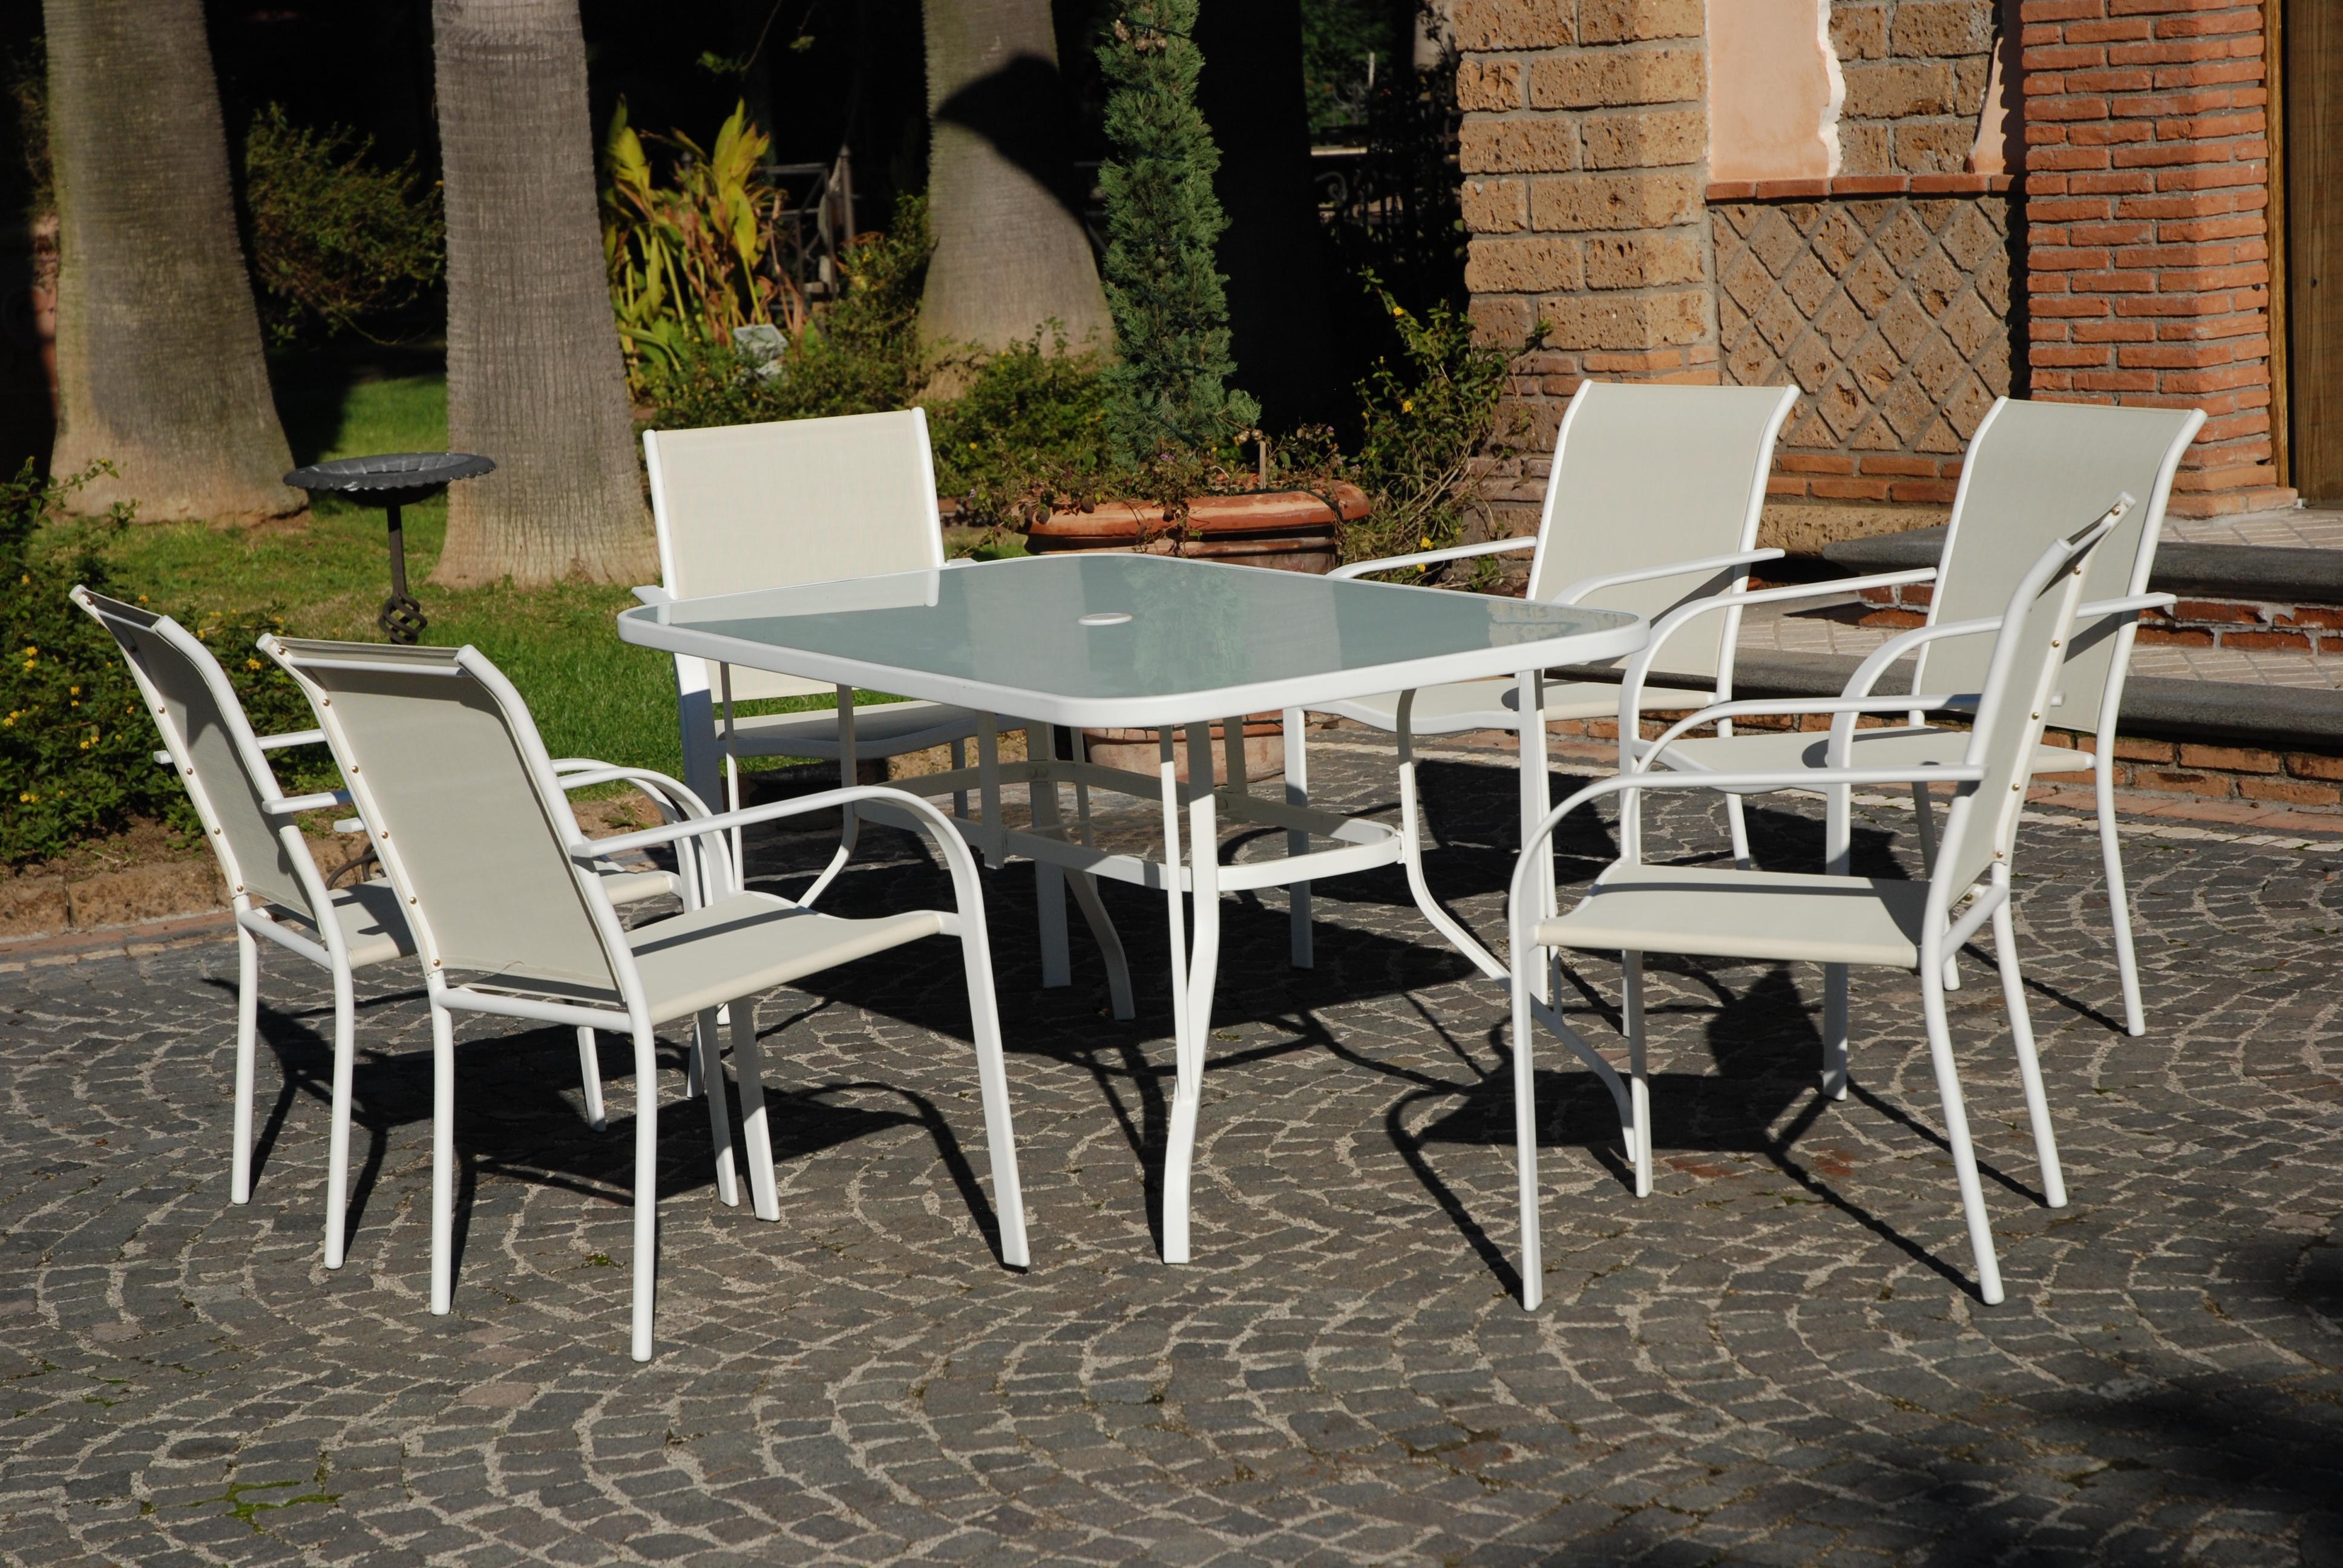 Sedie Per Tavolo In Vetro.Set Completo Tavolo Vetro 6 Poltrone Sedie Da Giardino Salmar Dune